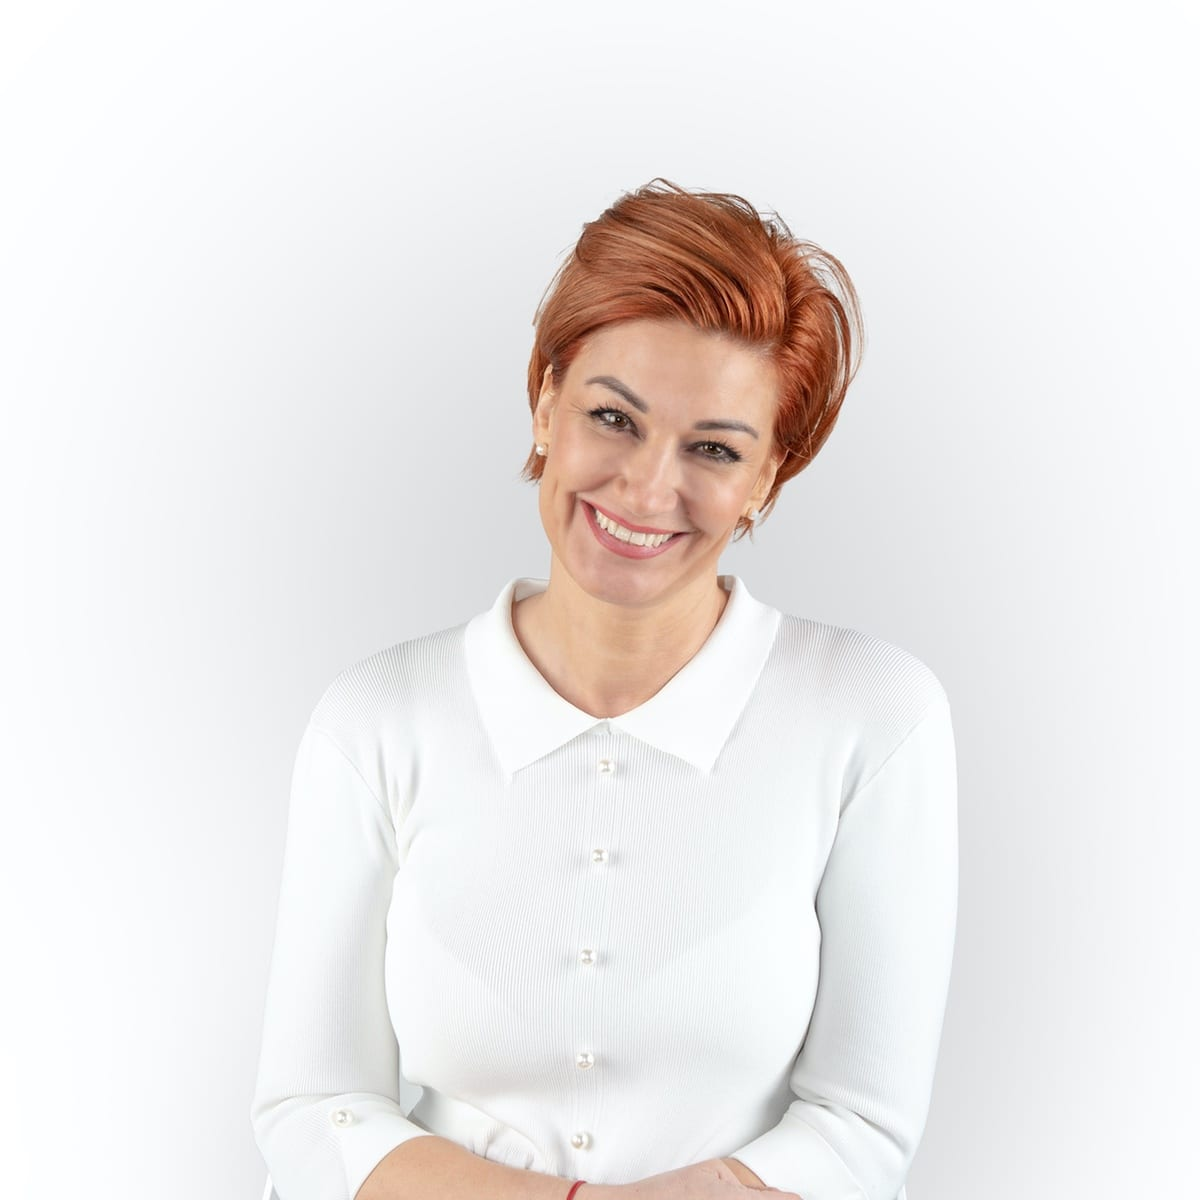 Claudia Lassnig-Preite